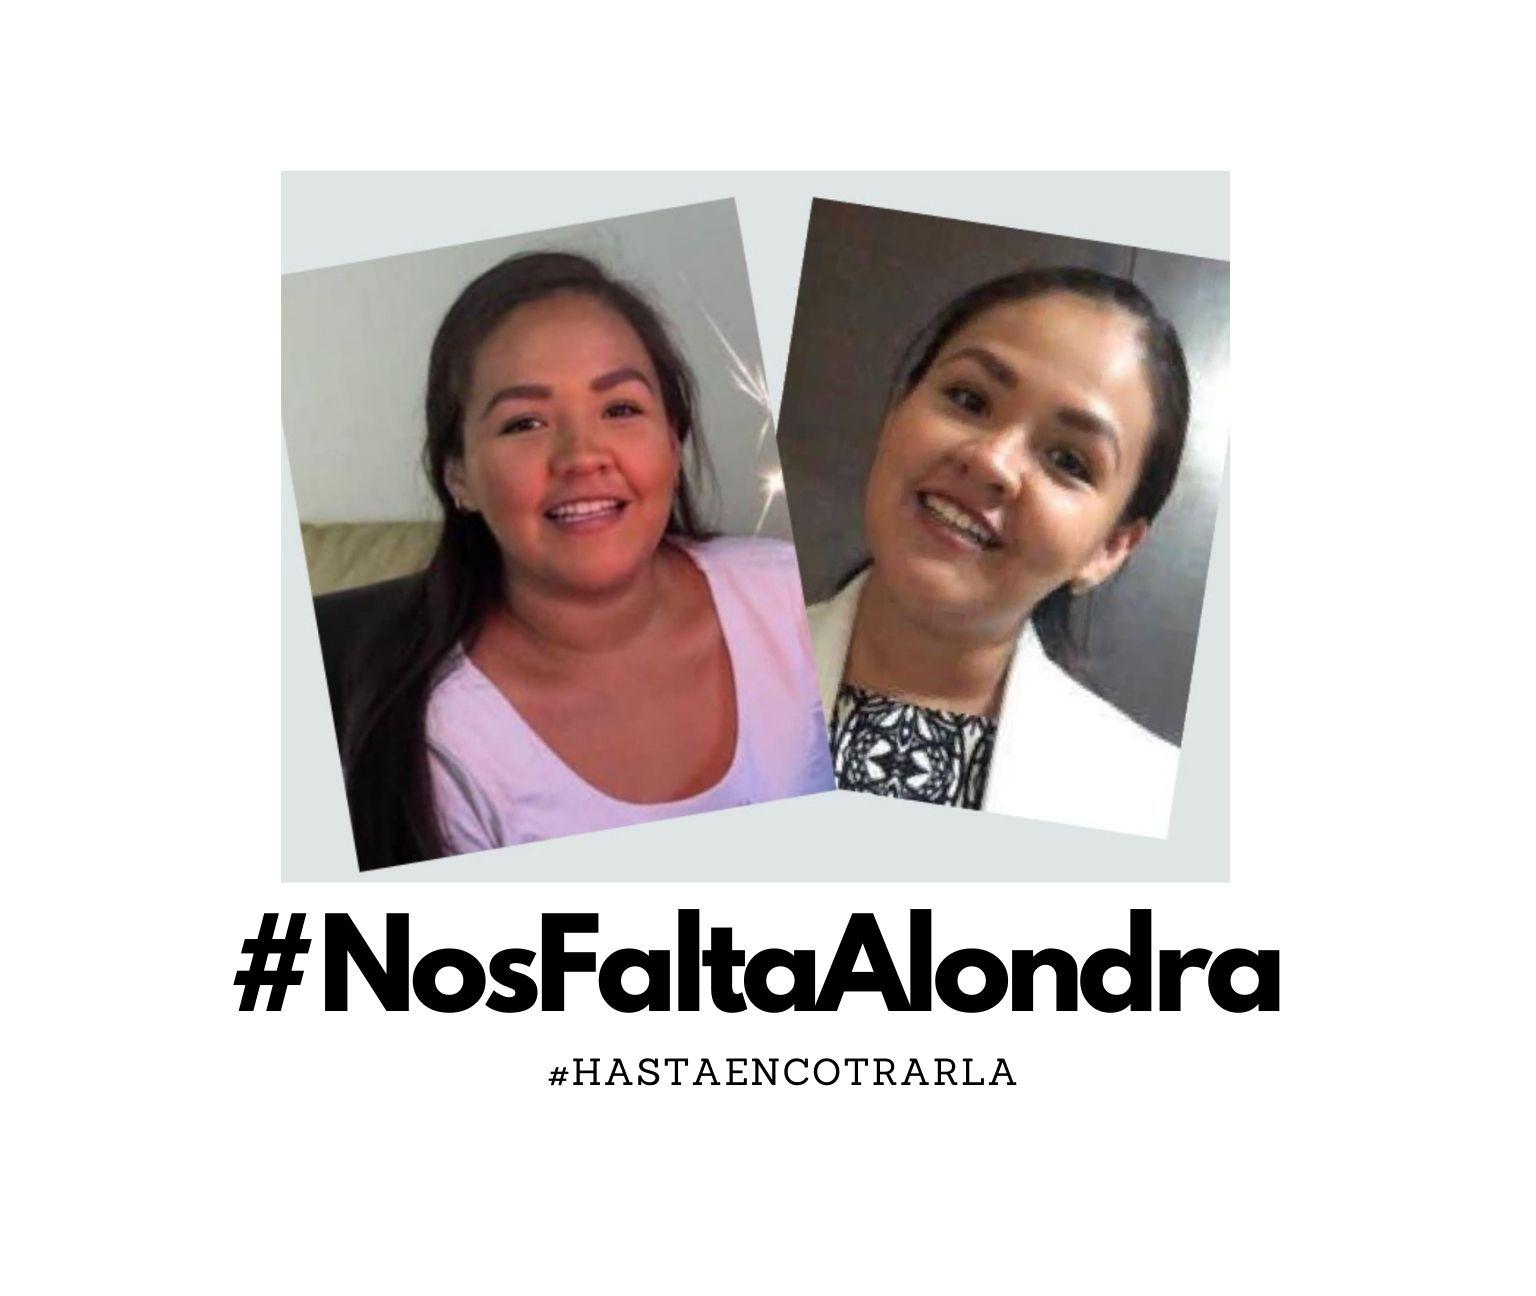 Buscamos a Alondra Hernández Ruelas, joven doctora desaparecida en Jalisco